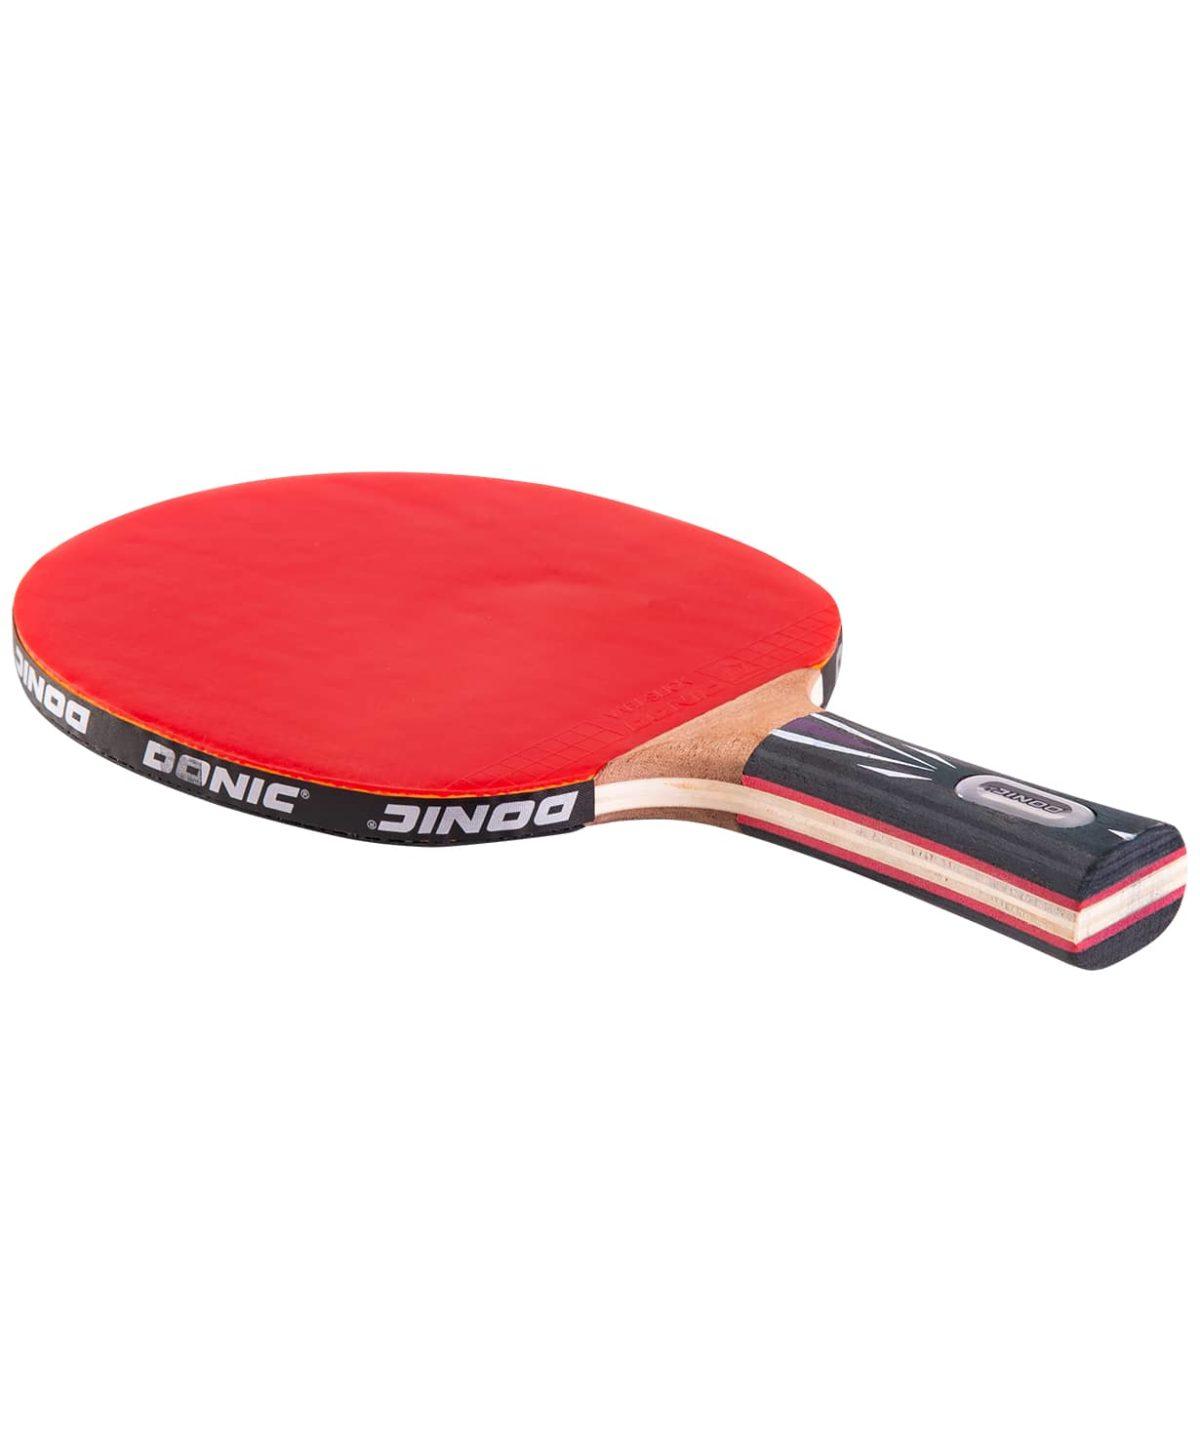 DONIC Top Team 800 ракетка д/наст. тенниса  15336 - 2